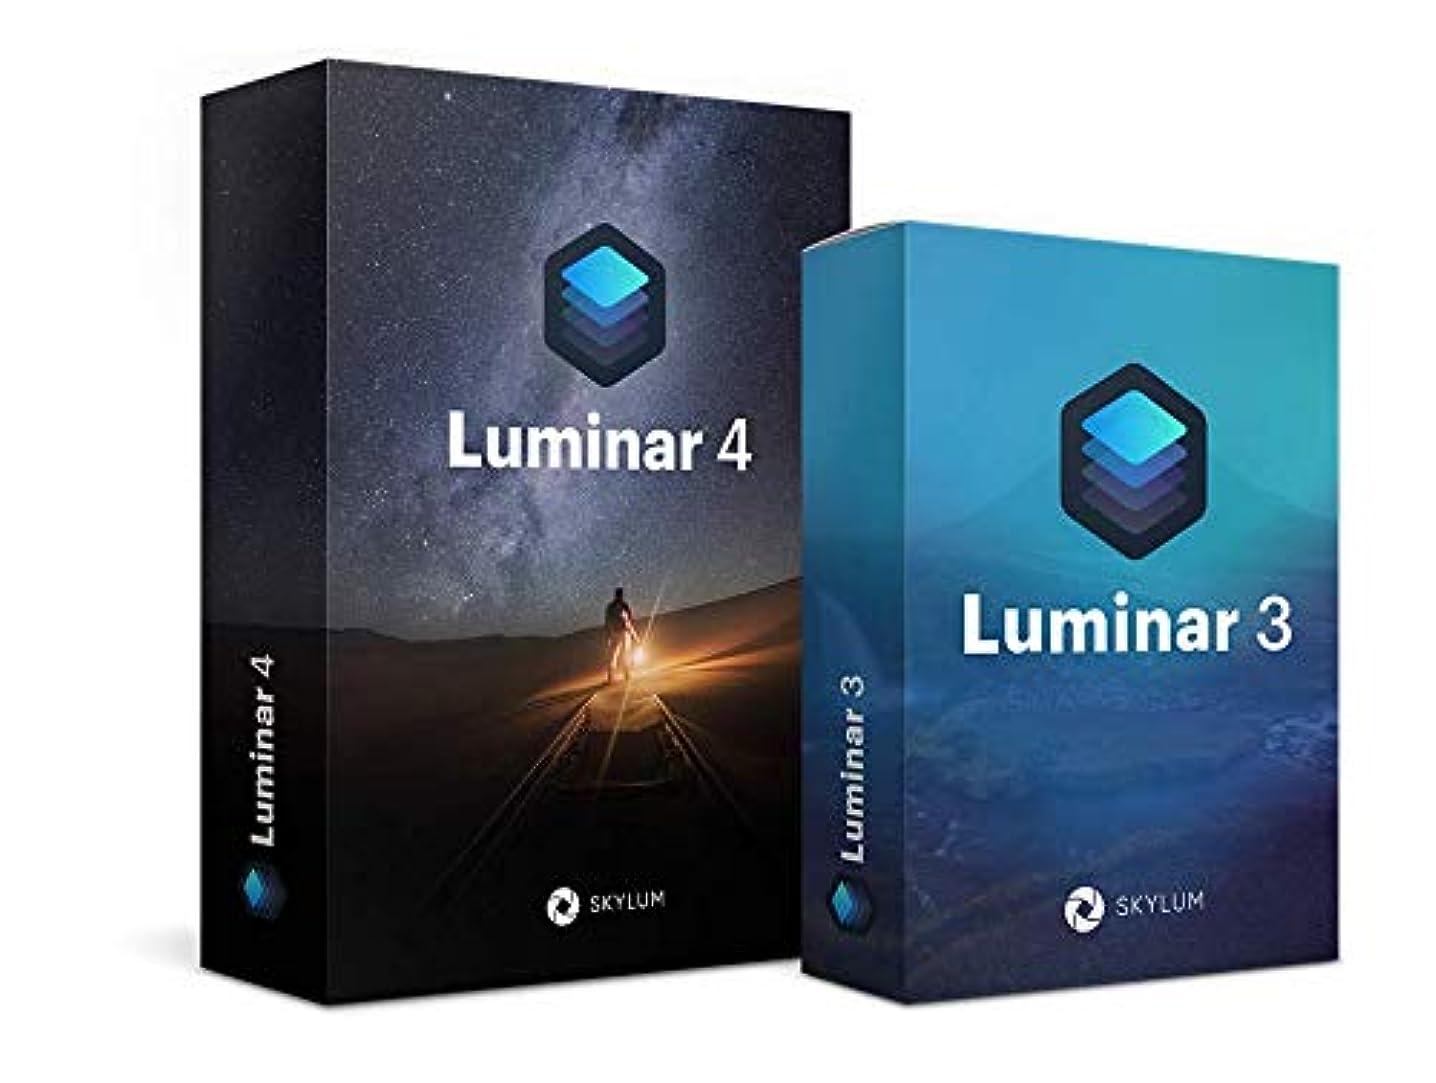 ミスペンド第作り上げるLuminar 3 + 4早期申込 | Skylum Software社製 Mac/Windows用|ダウンロード版